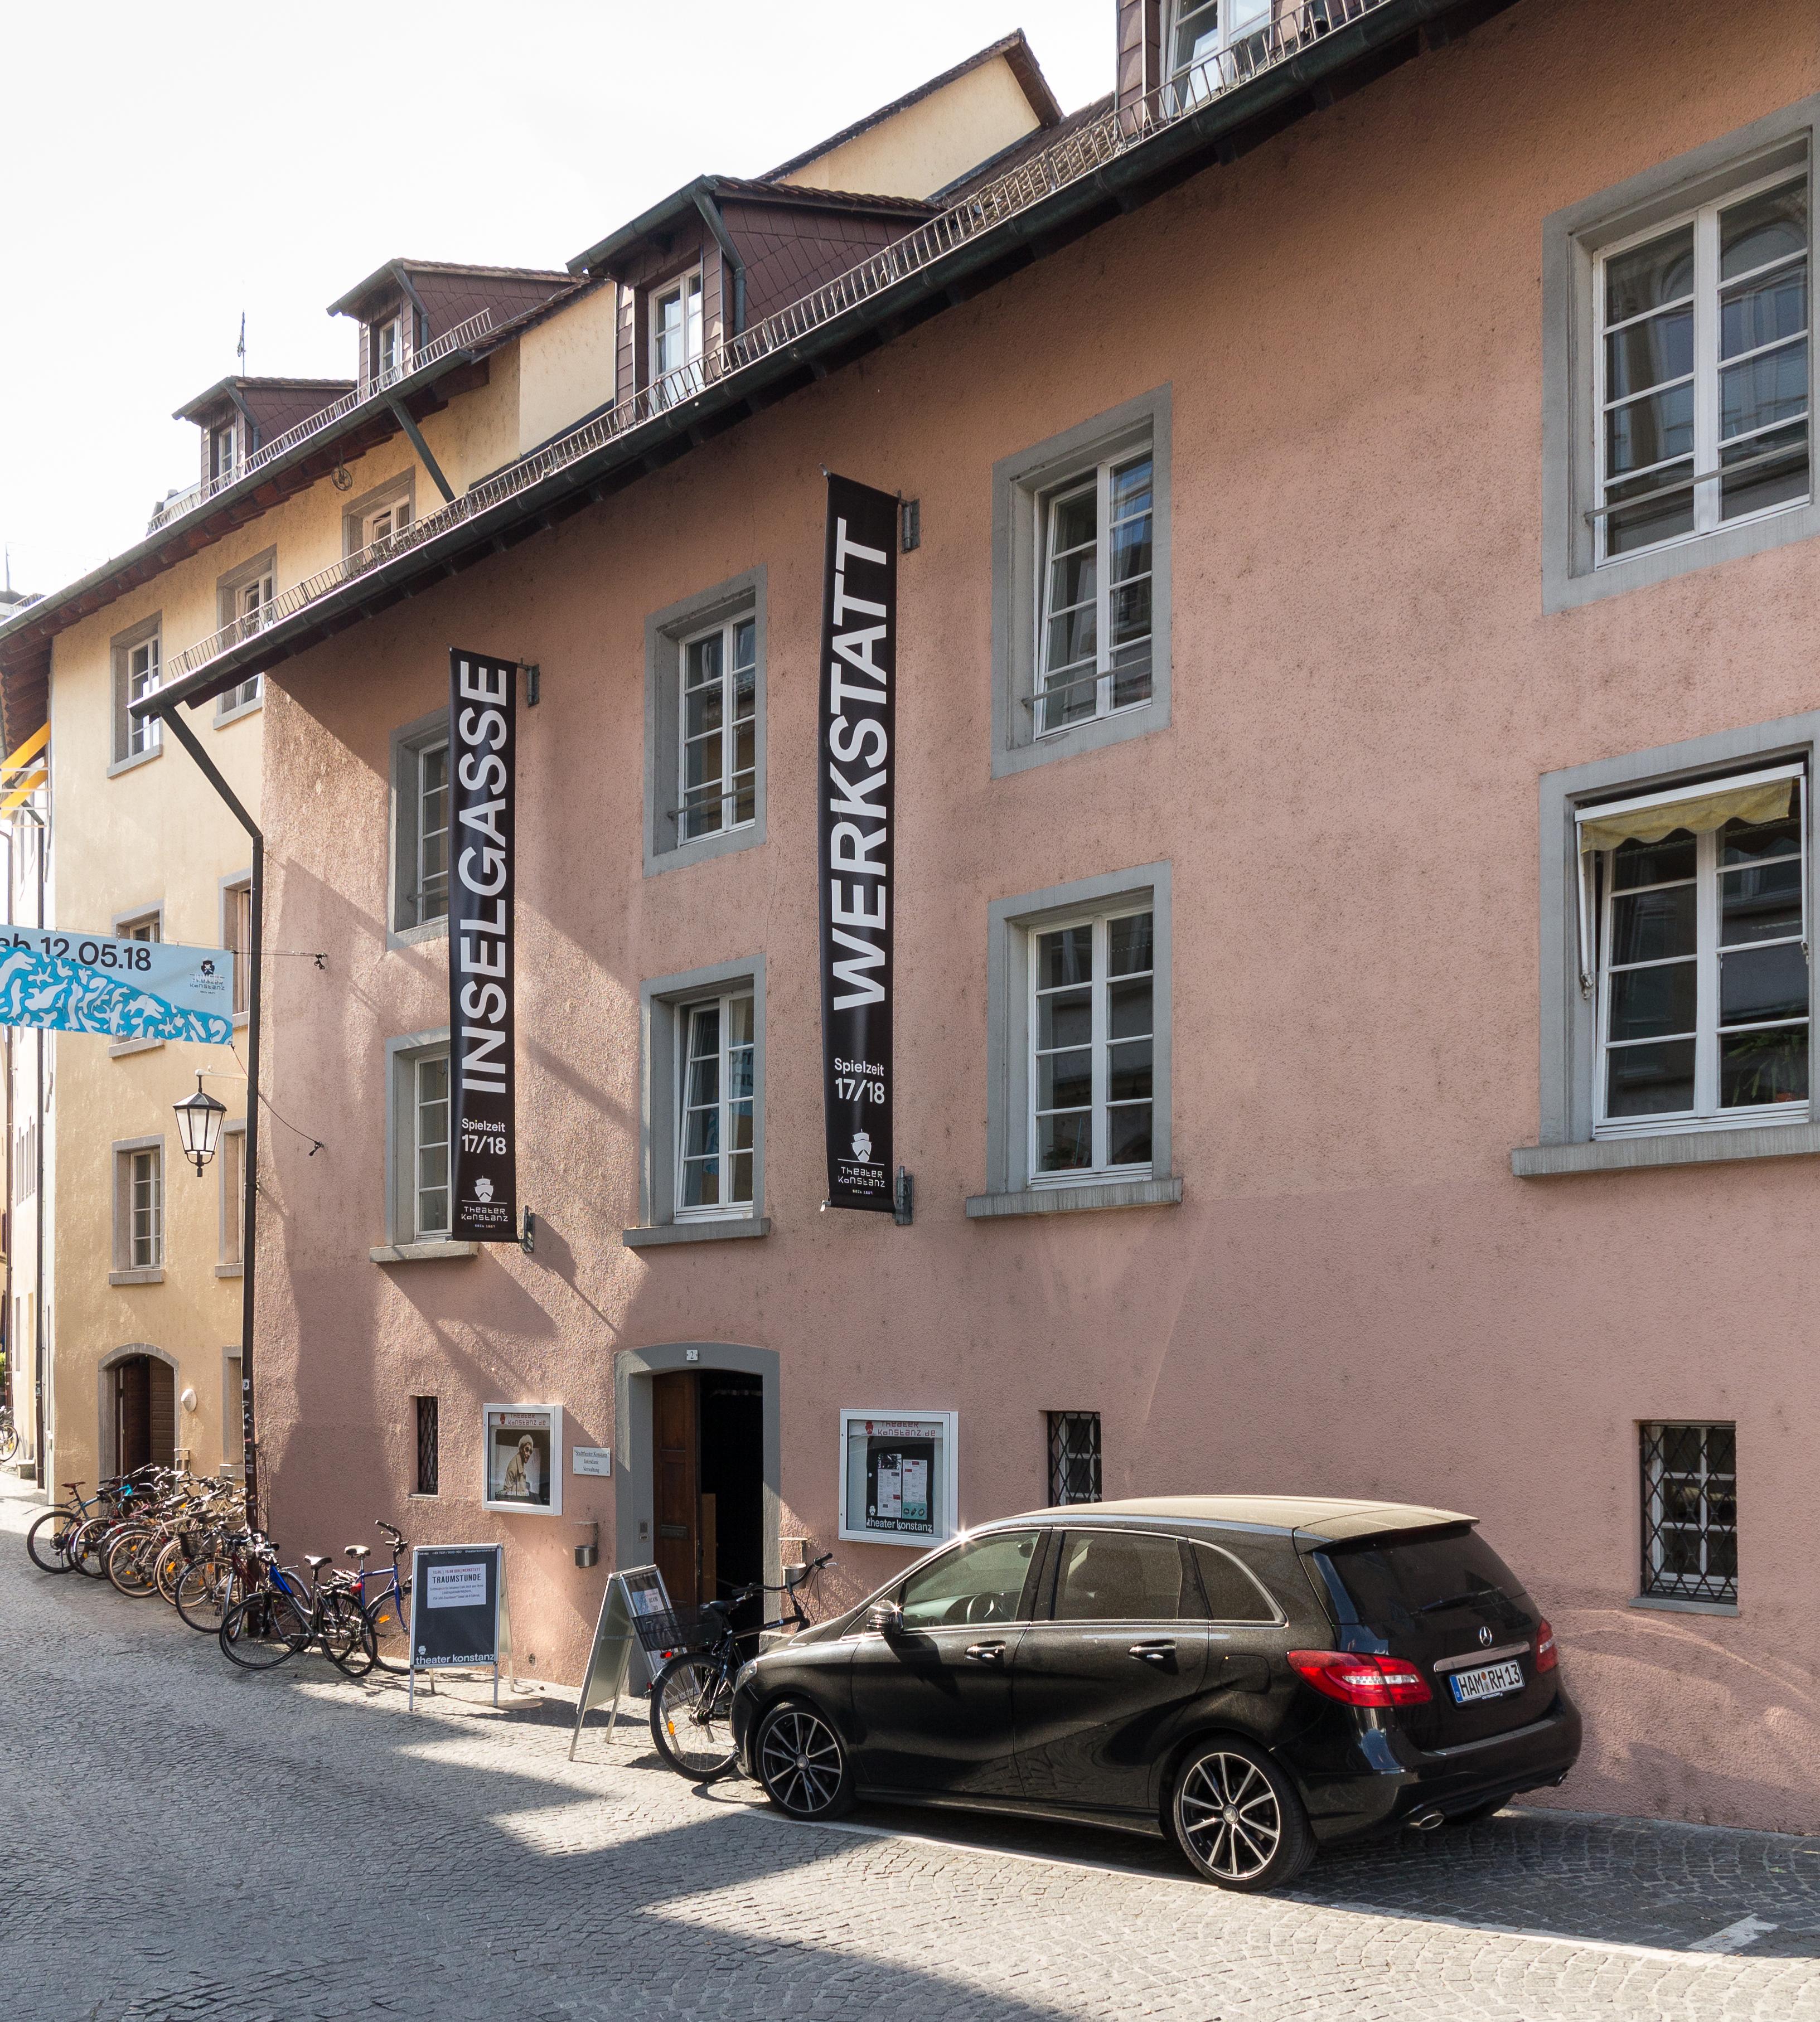 The 10 Best Pet-friendly Hotels in Konstanz, Germany